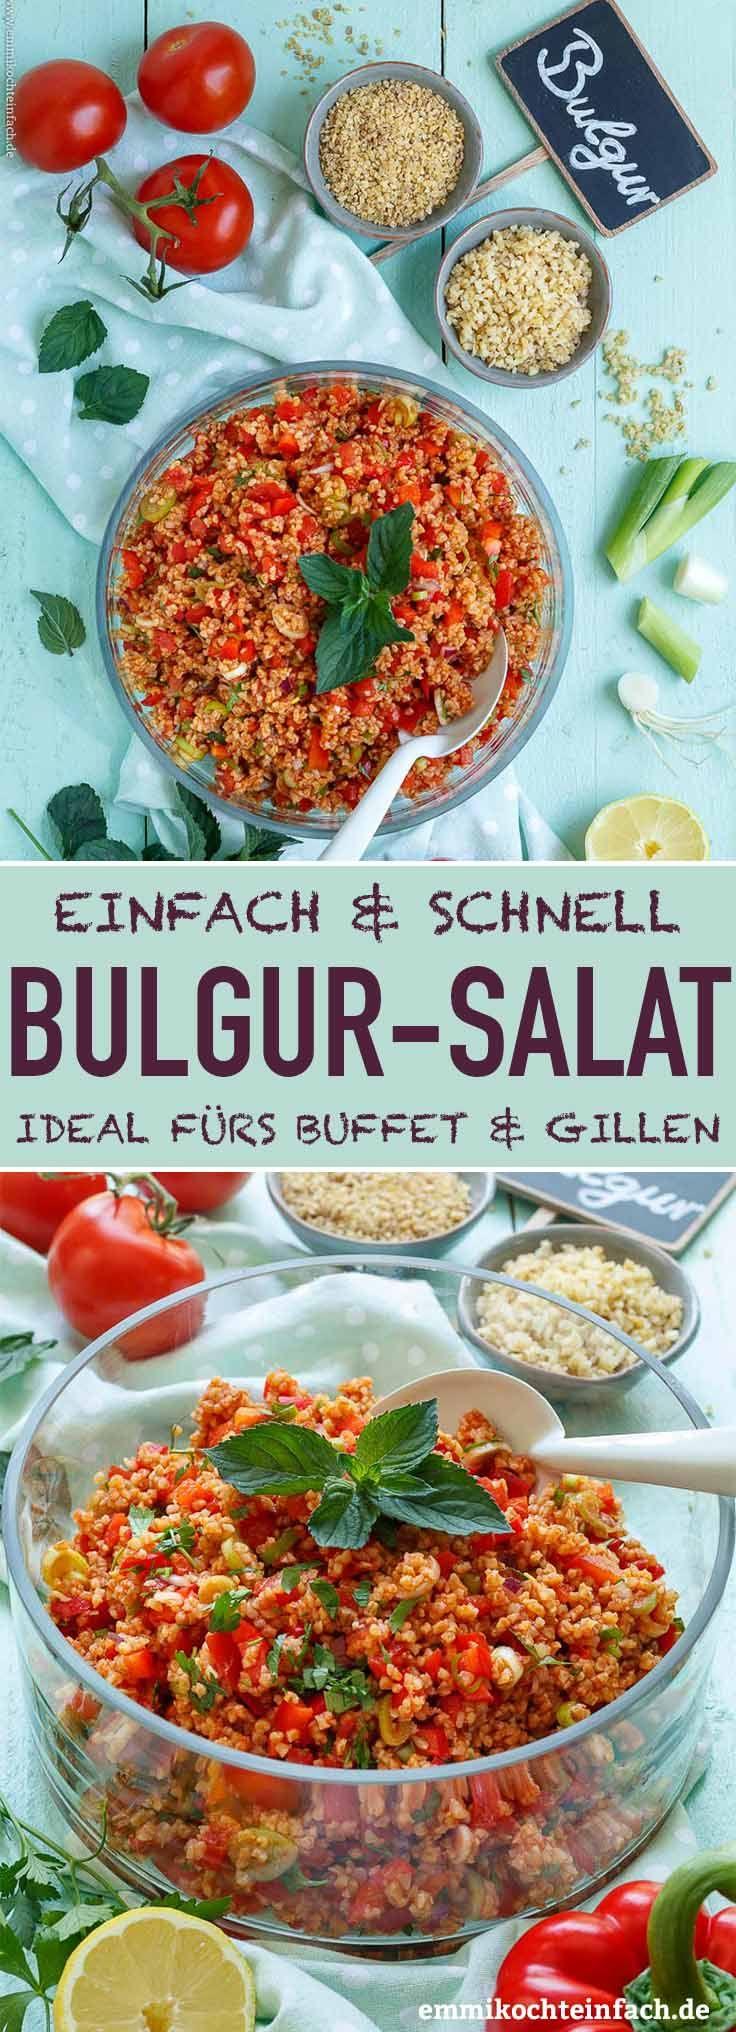 Schneller und einfacher Bulgursalat – emmikochteinfach – einfache Rezepte: Kochen, Backen für Familie und Alltag